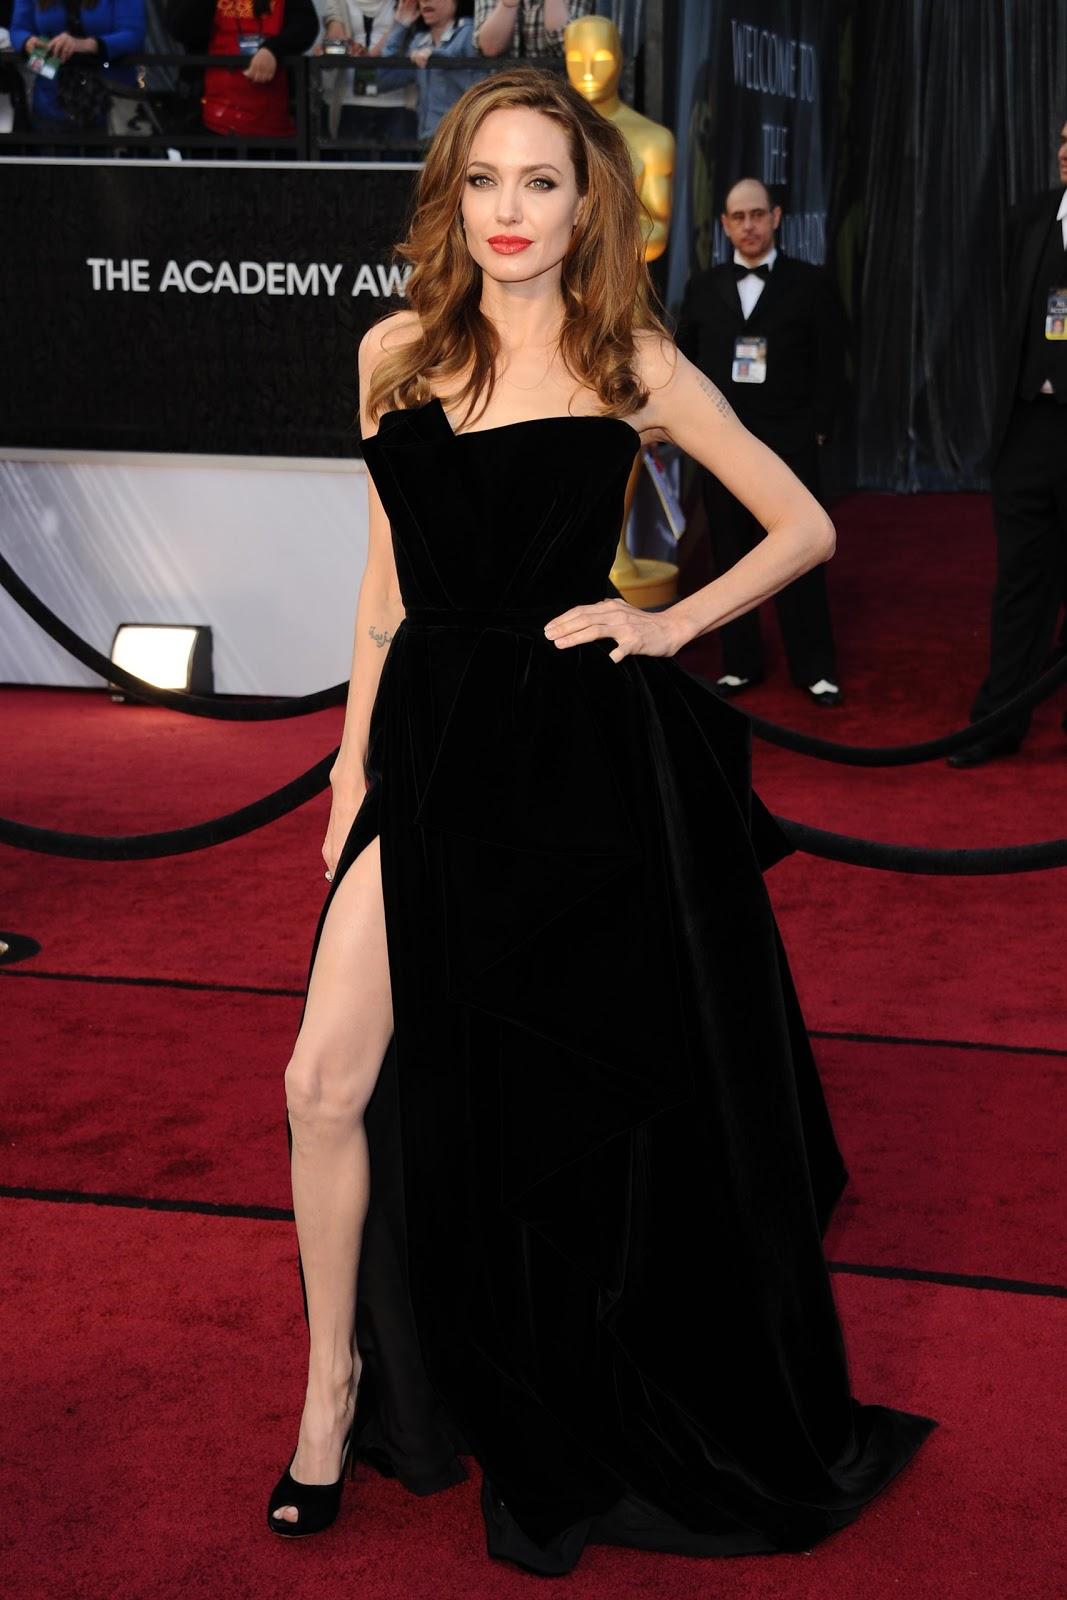 http://2.bp.blogspot.com/-rC4J1FBUtIU/T0-sjIF8z3I/AAAAAAAABEQ/KaNc78crkAU/s1600/angelina-jolie-leg.jpg